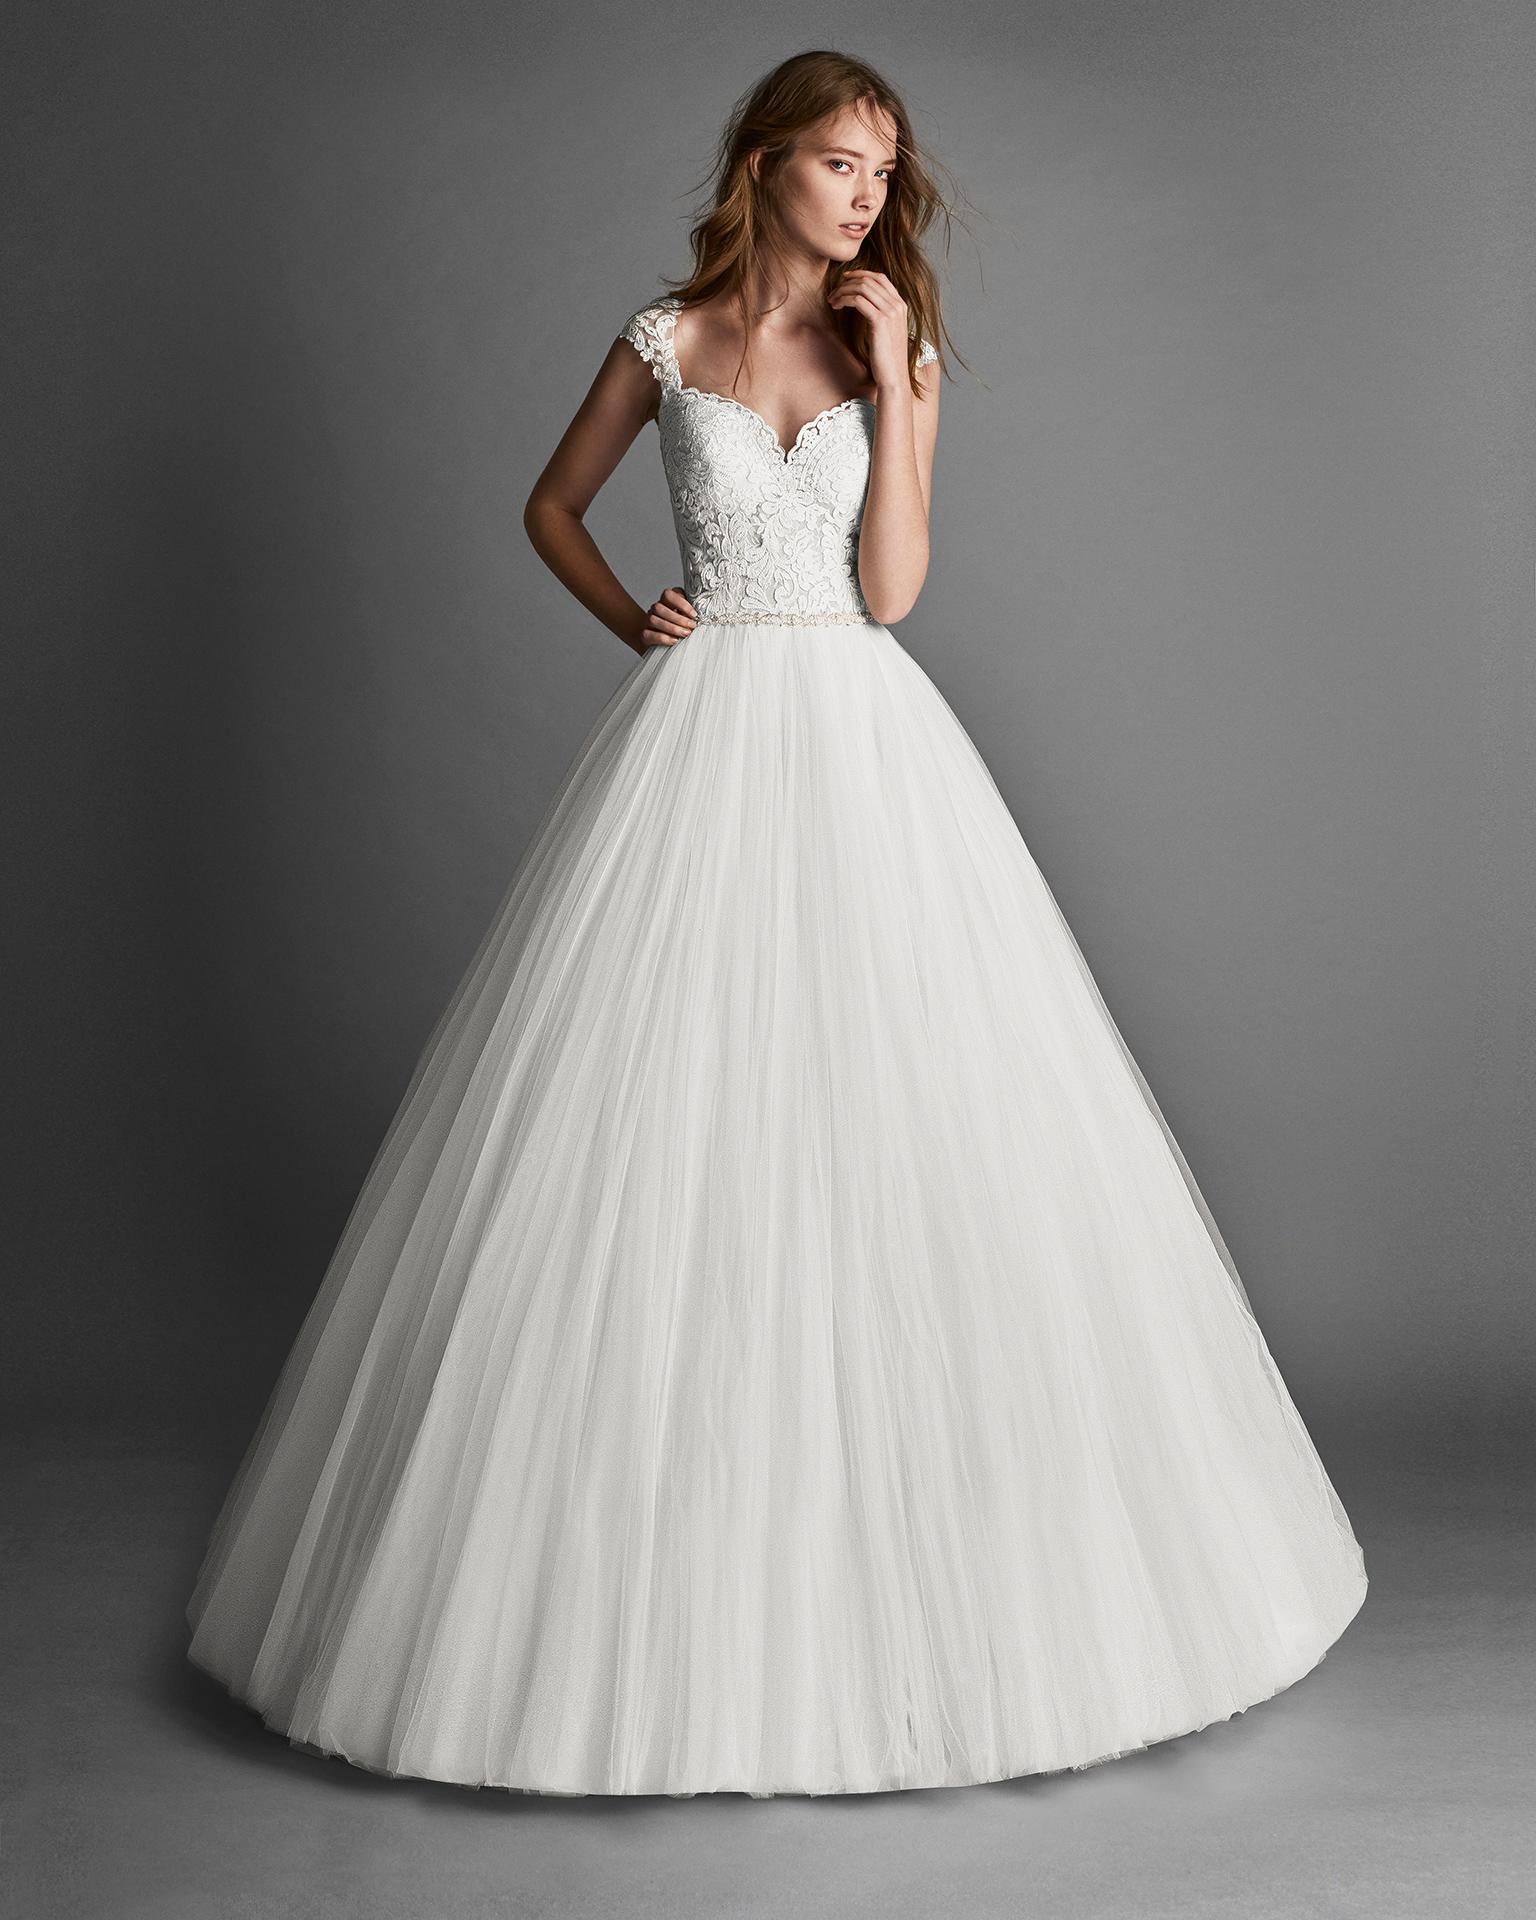 Vestido de novia estilo princesa de tul y encaje pedrería y espalda de encaje.